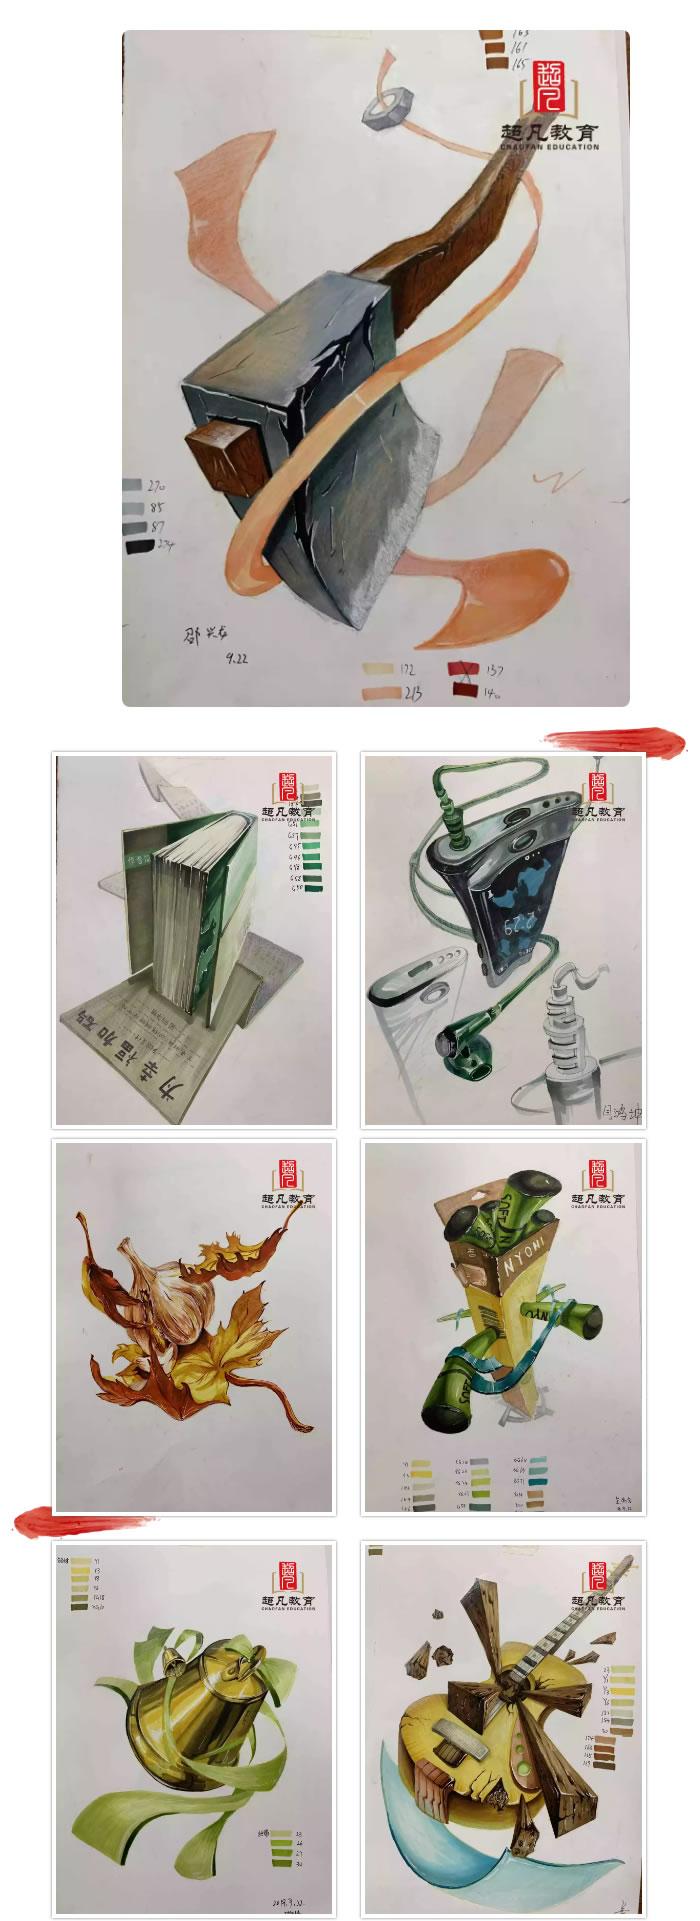 【艺启设计】北京点石设计名师闻磊走进艺凡,七天带你玩转手绘,成为手绘达人!-一期作品展_r2_c1